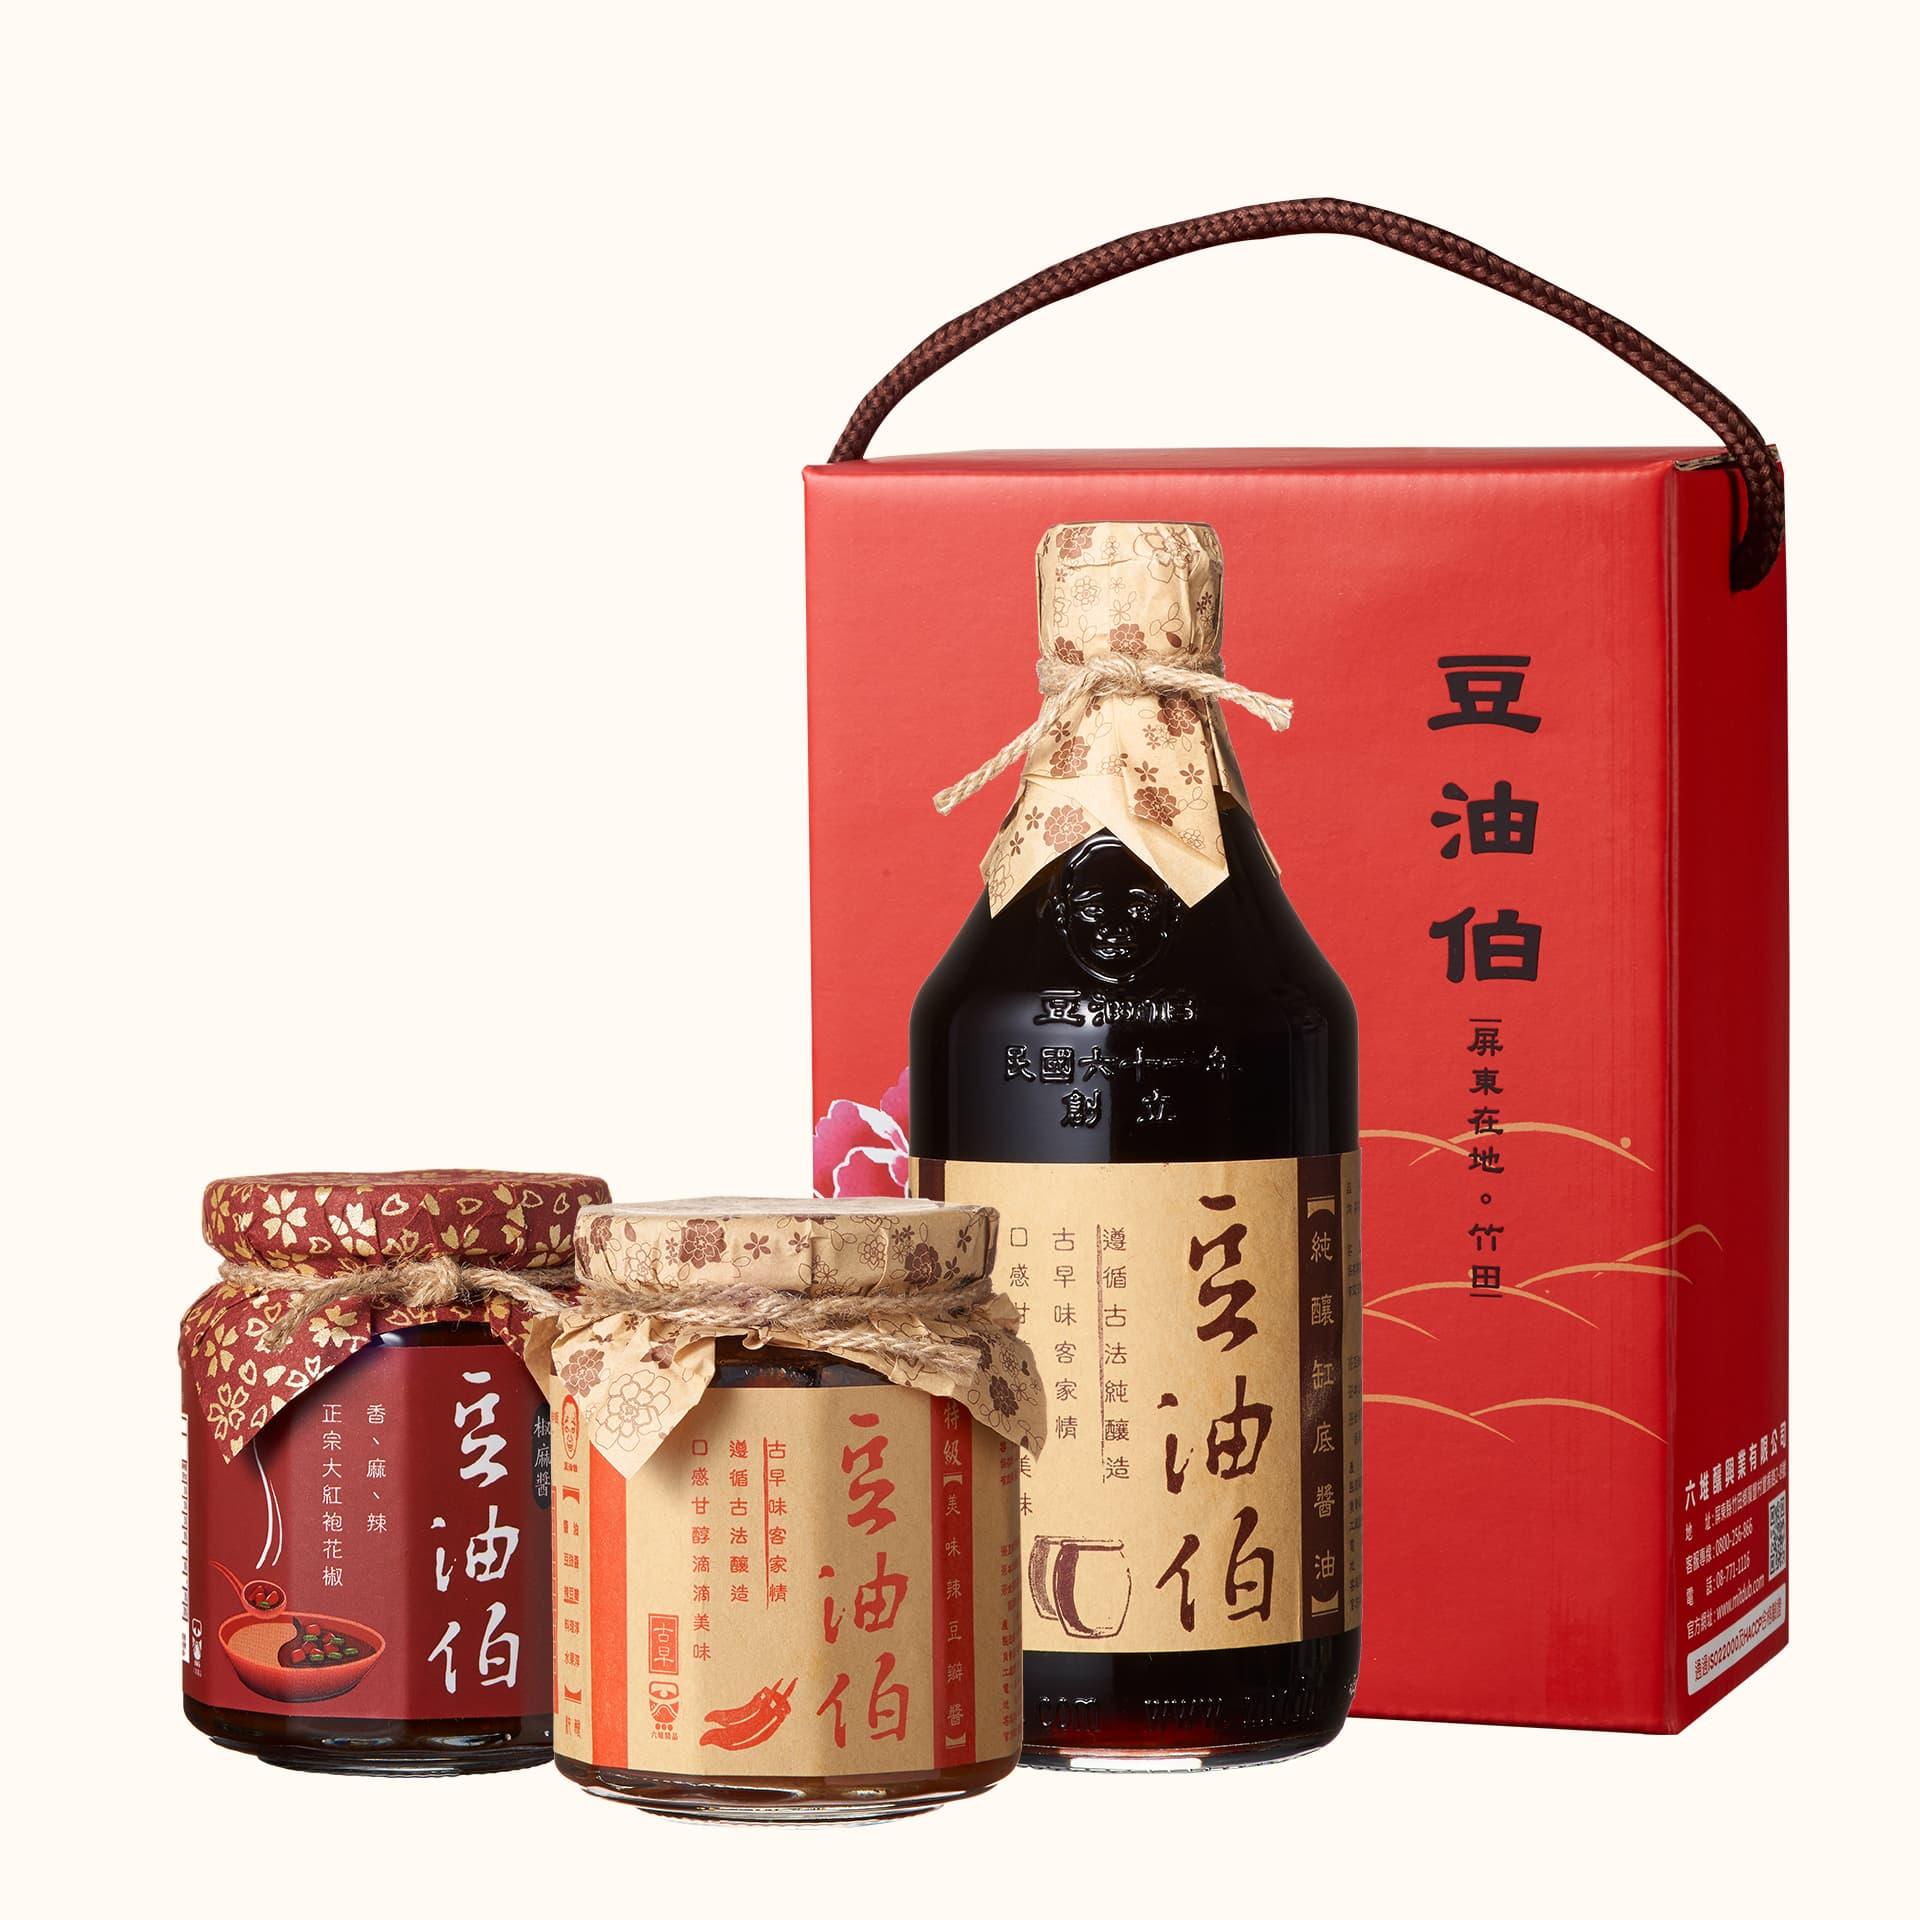 缸底醬油1入+椒麻醬1入+辣豆瓣醬1入(禮盒1組,共3入)